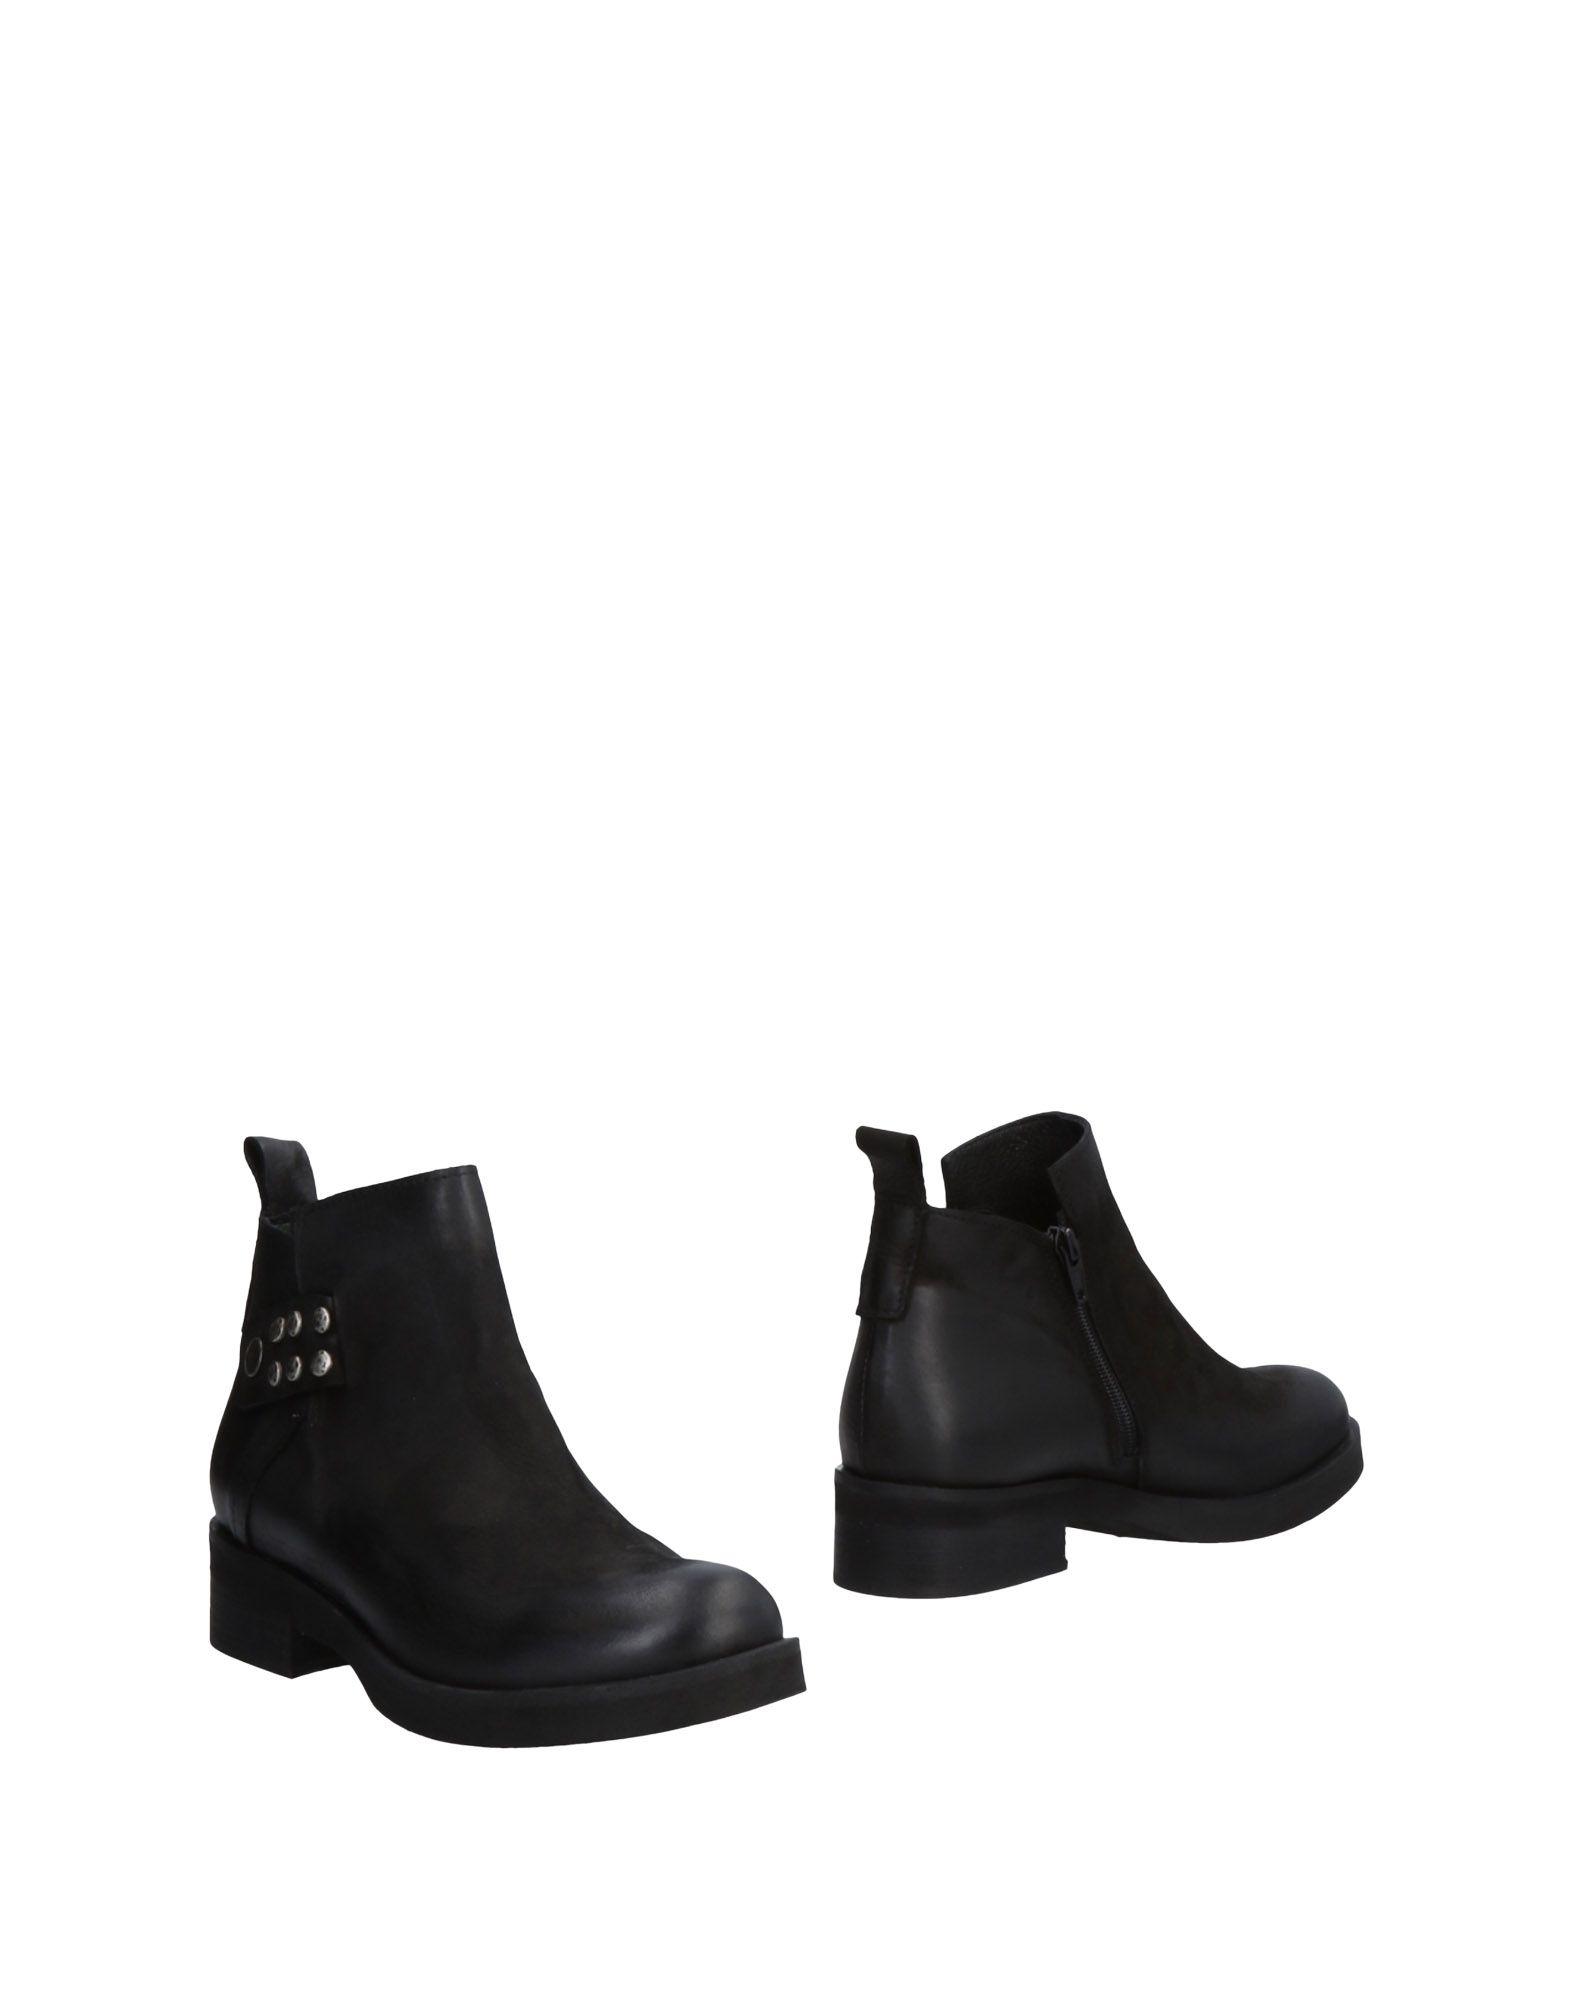 Gut um Stiefelette billige Schuhe zu tragenN'sand® Stiefelette um Damen  11456250LJ d2f340